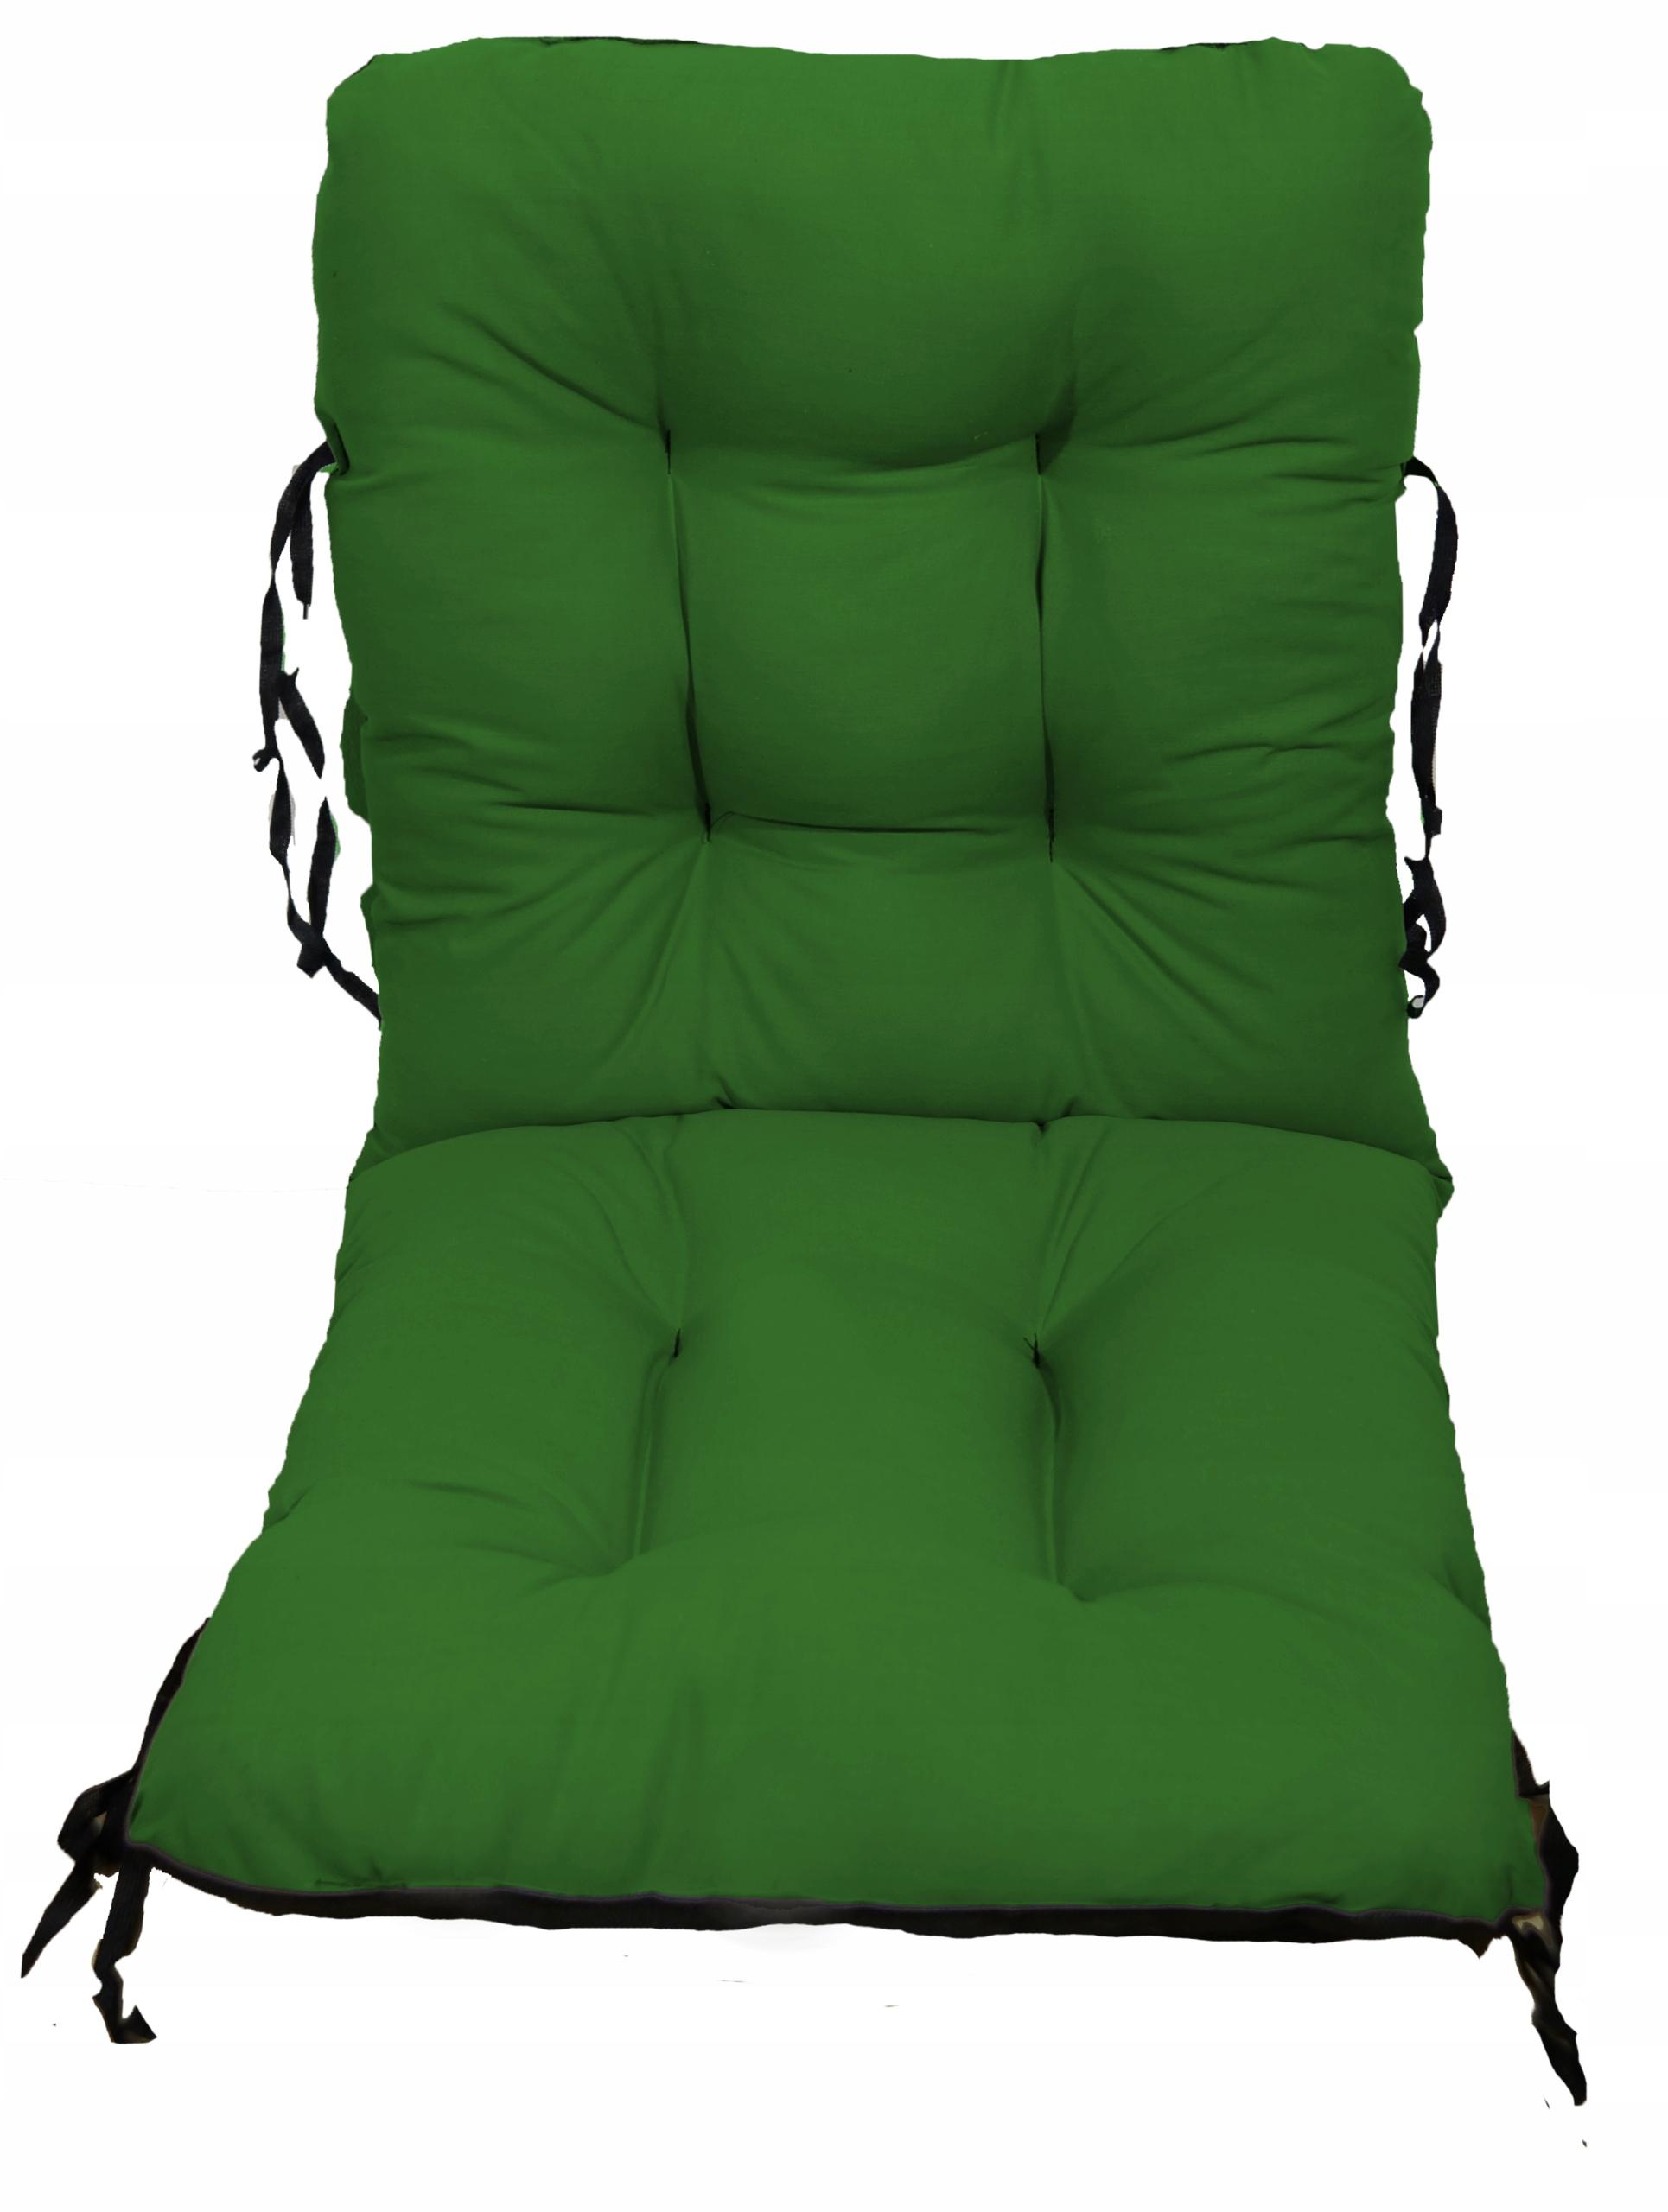 Садовое кресло подушка шезлонг 48x48x48 зеленый